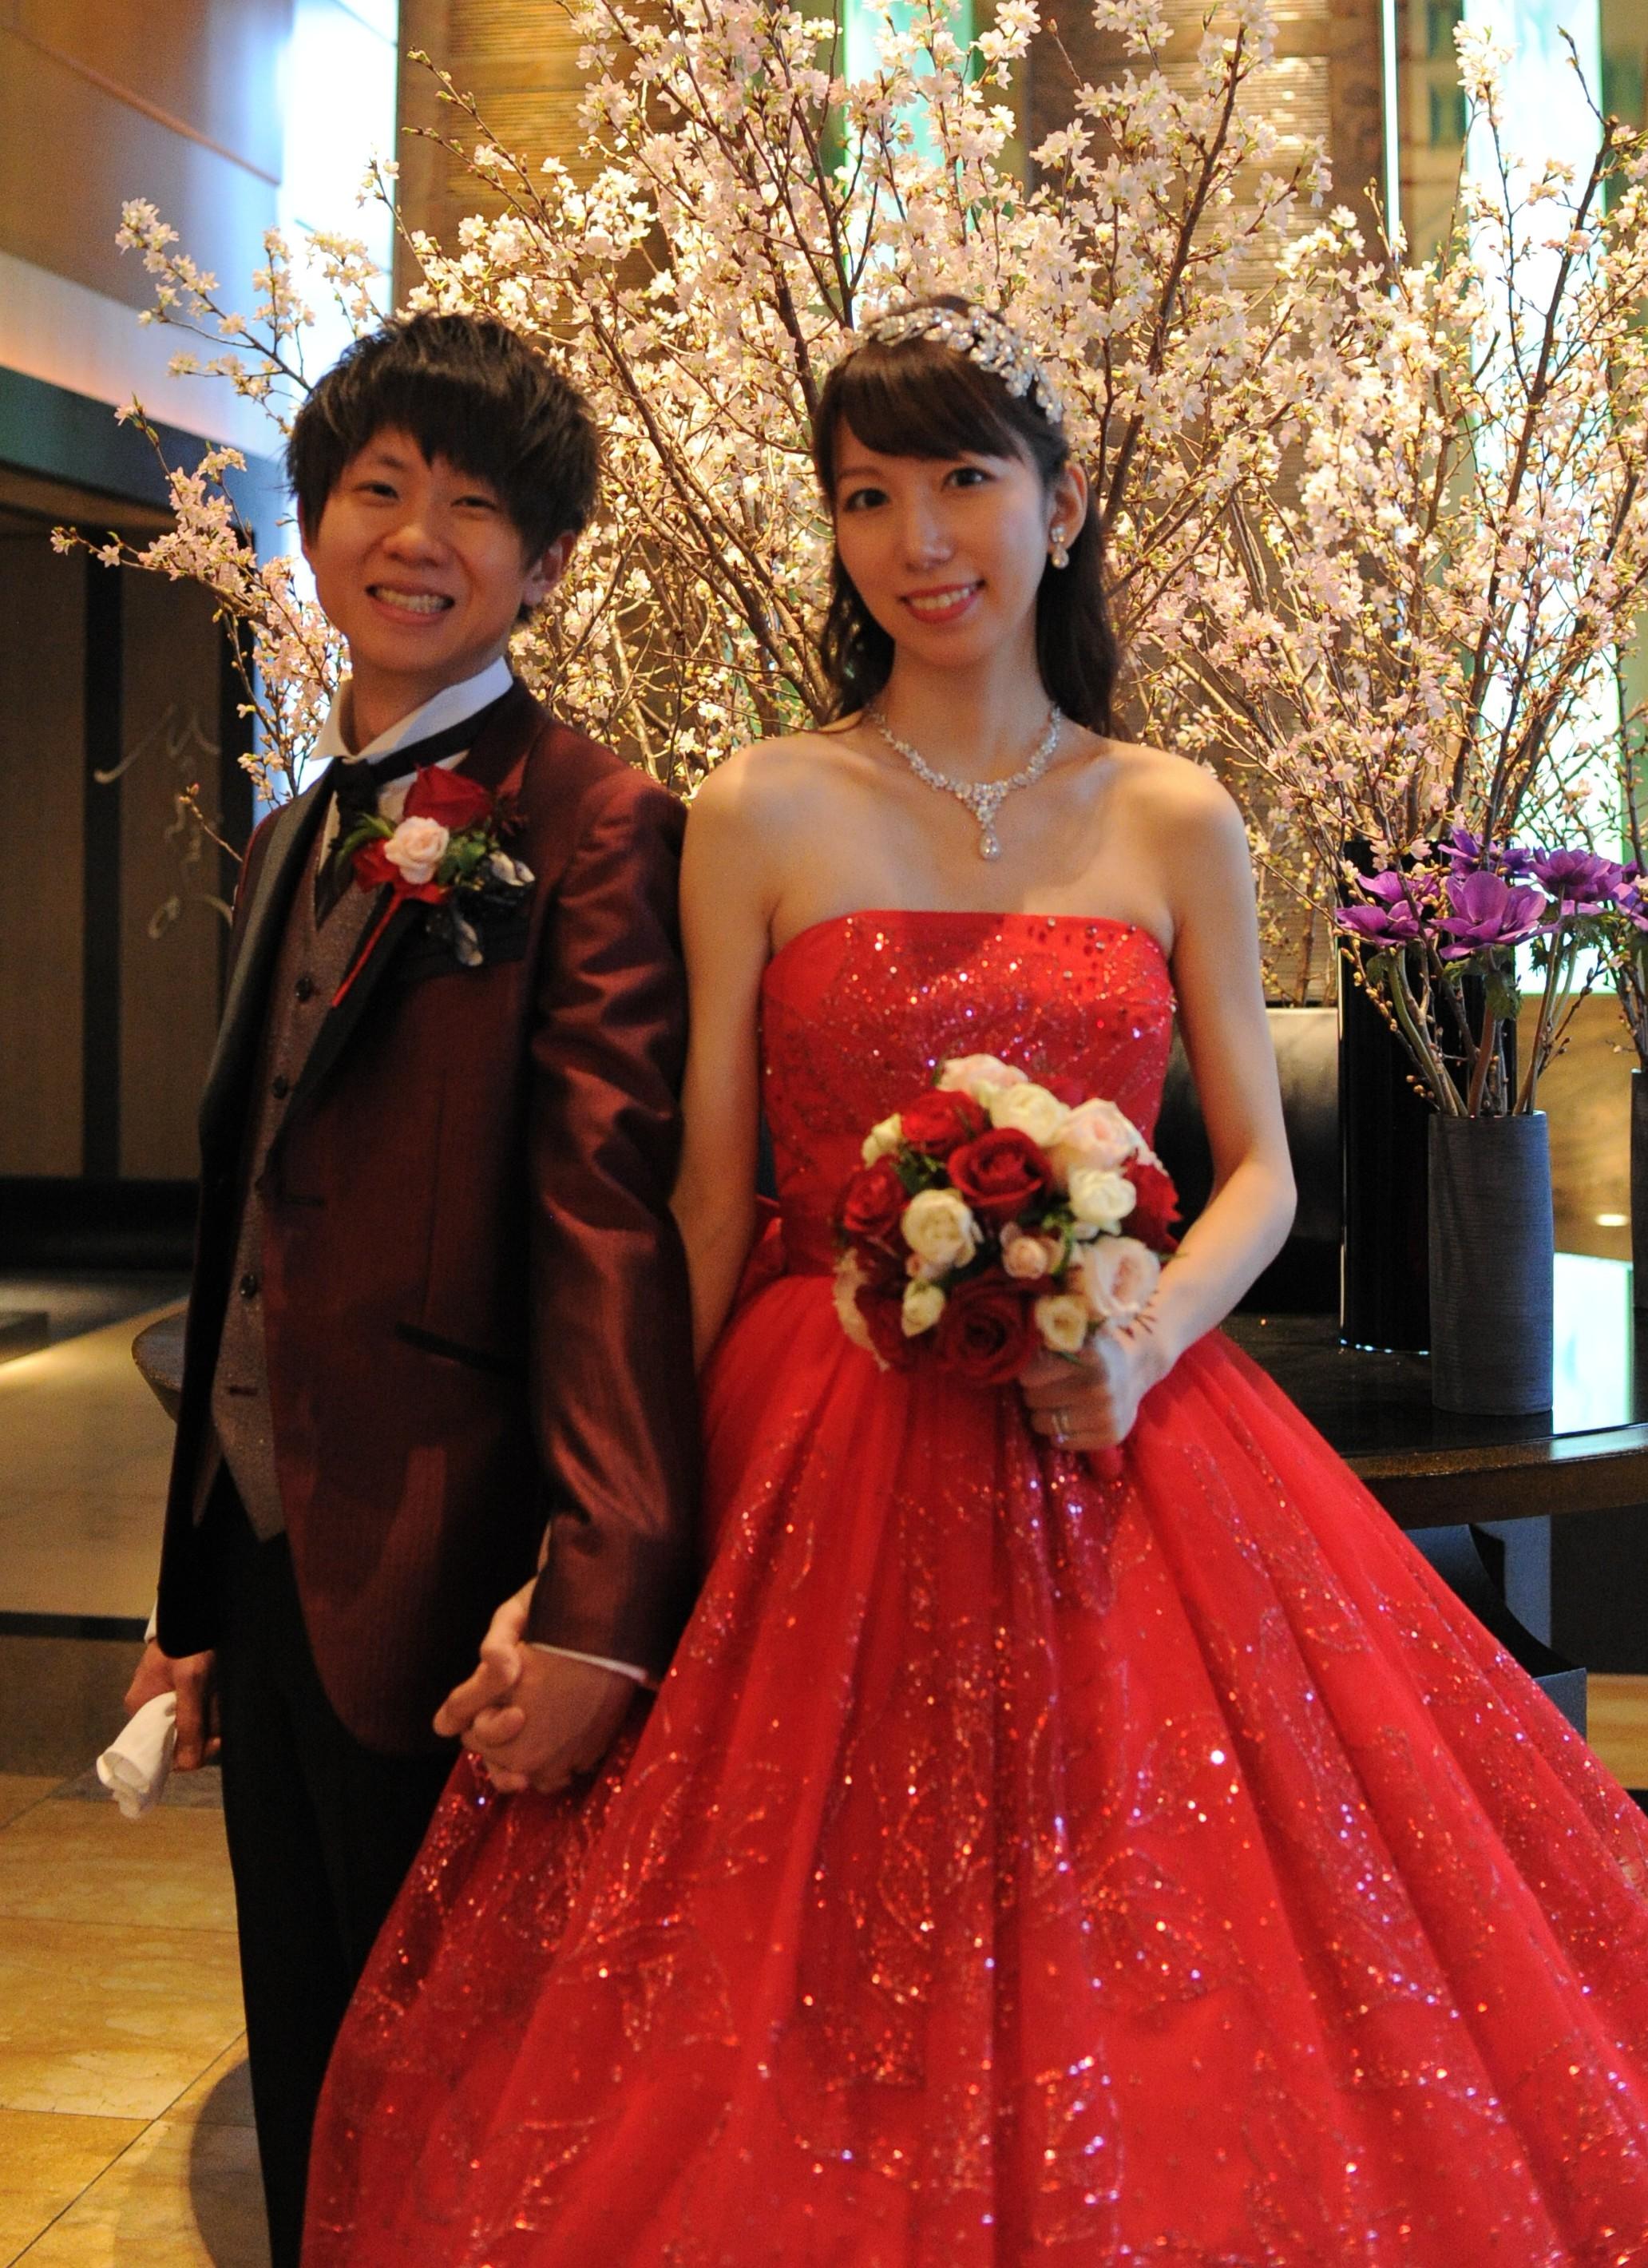 上記のカラードレスの色違いドレスです。やはりアクセサリーはキラキラのラインストーンタイプが合います!こちらの花嫁様は、ヘッドドレスもキラキラしたものを使用し